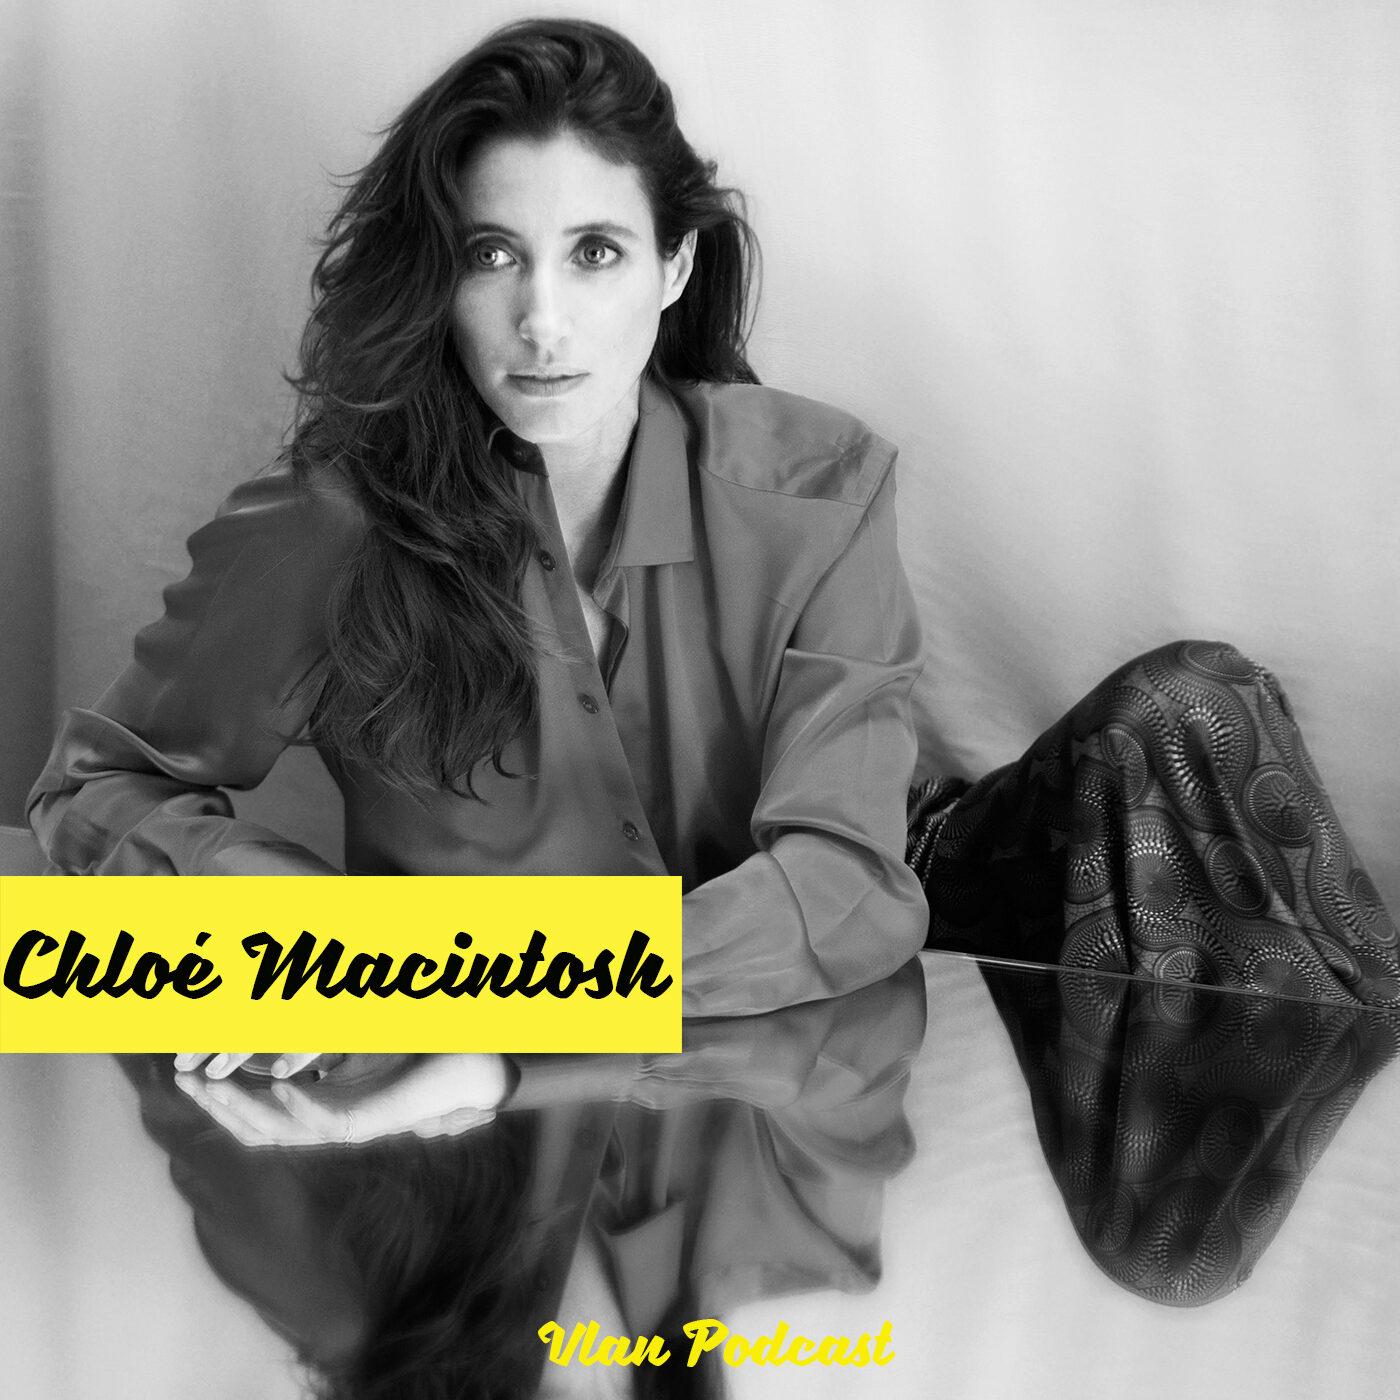 #161 Comprendre son corps pour maximiser son plaisir avec Chloé Macintosh